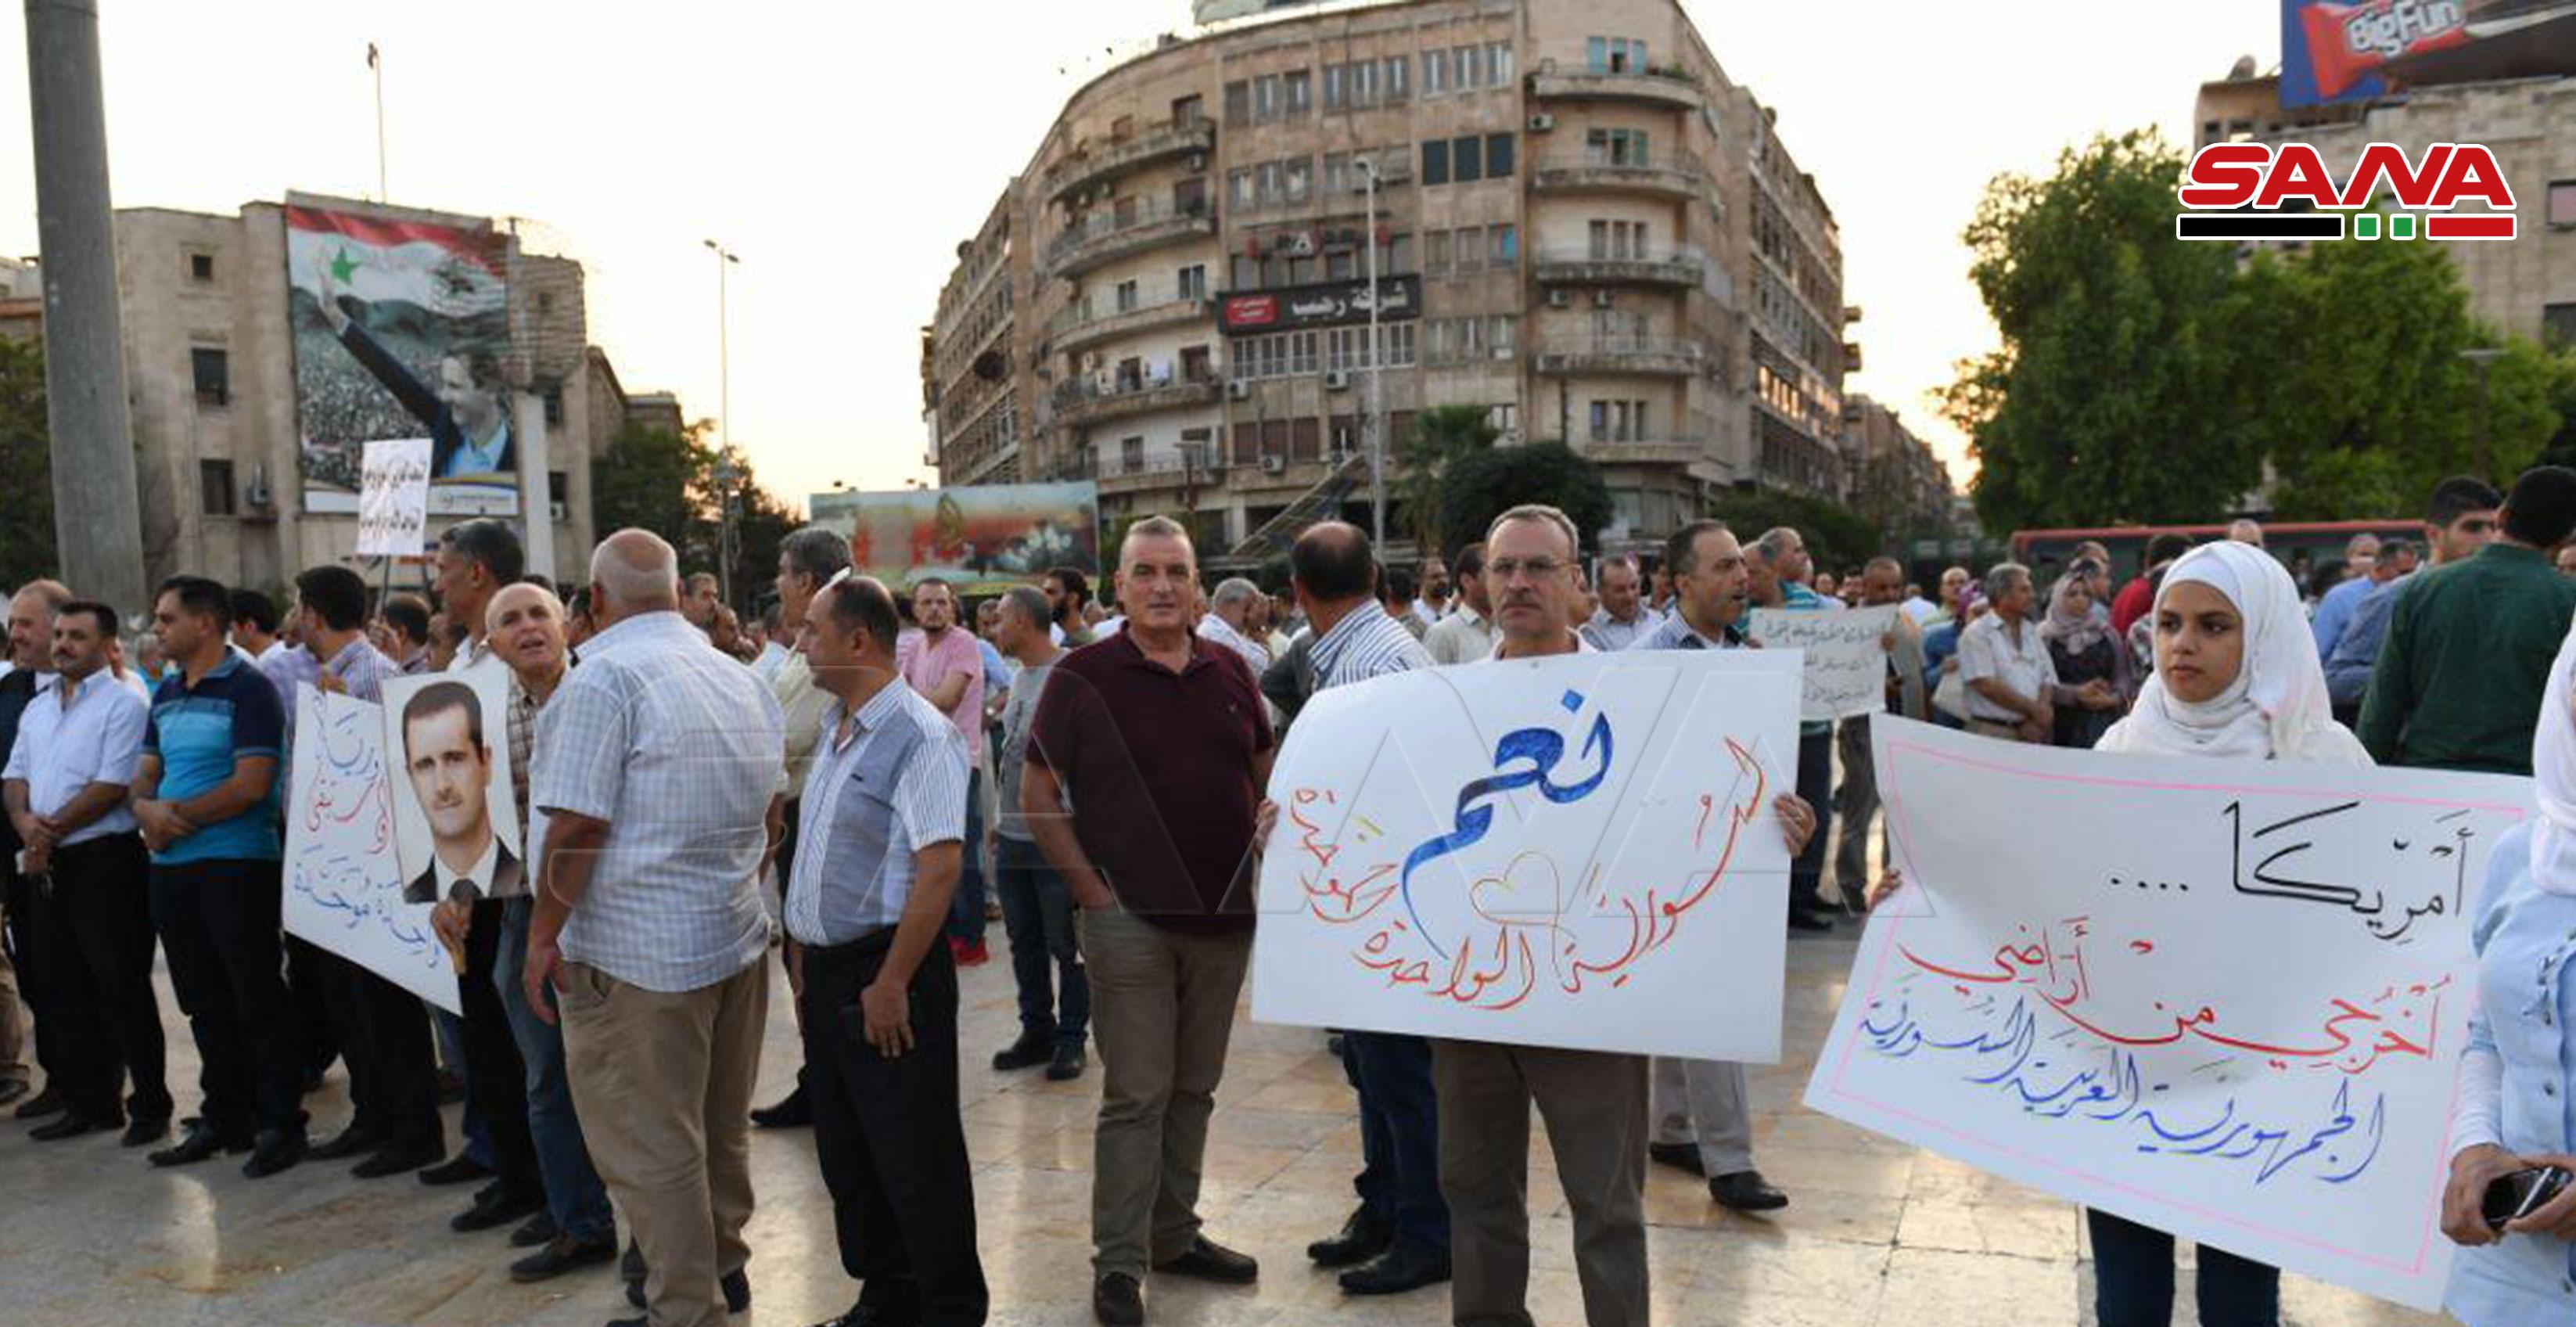 تجمع مردم حلب در اعتراض به مداخله نظامی آمریکا و ترکیه در سوریه+ تصاویر